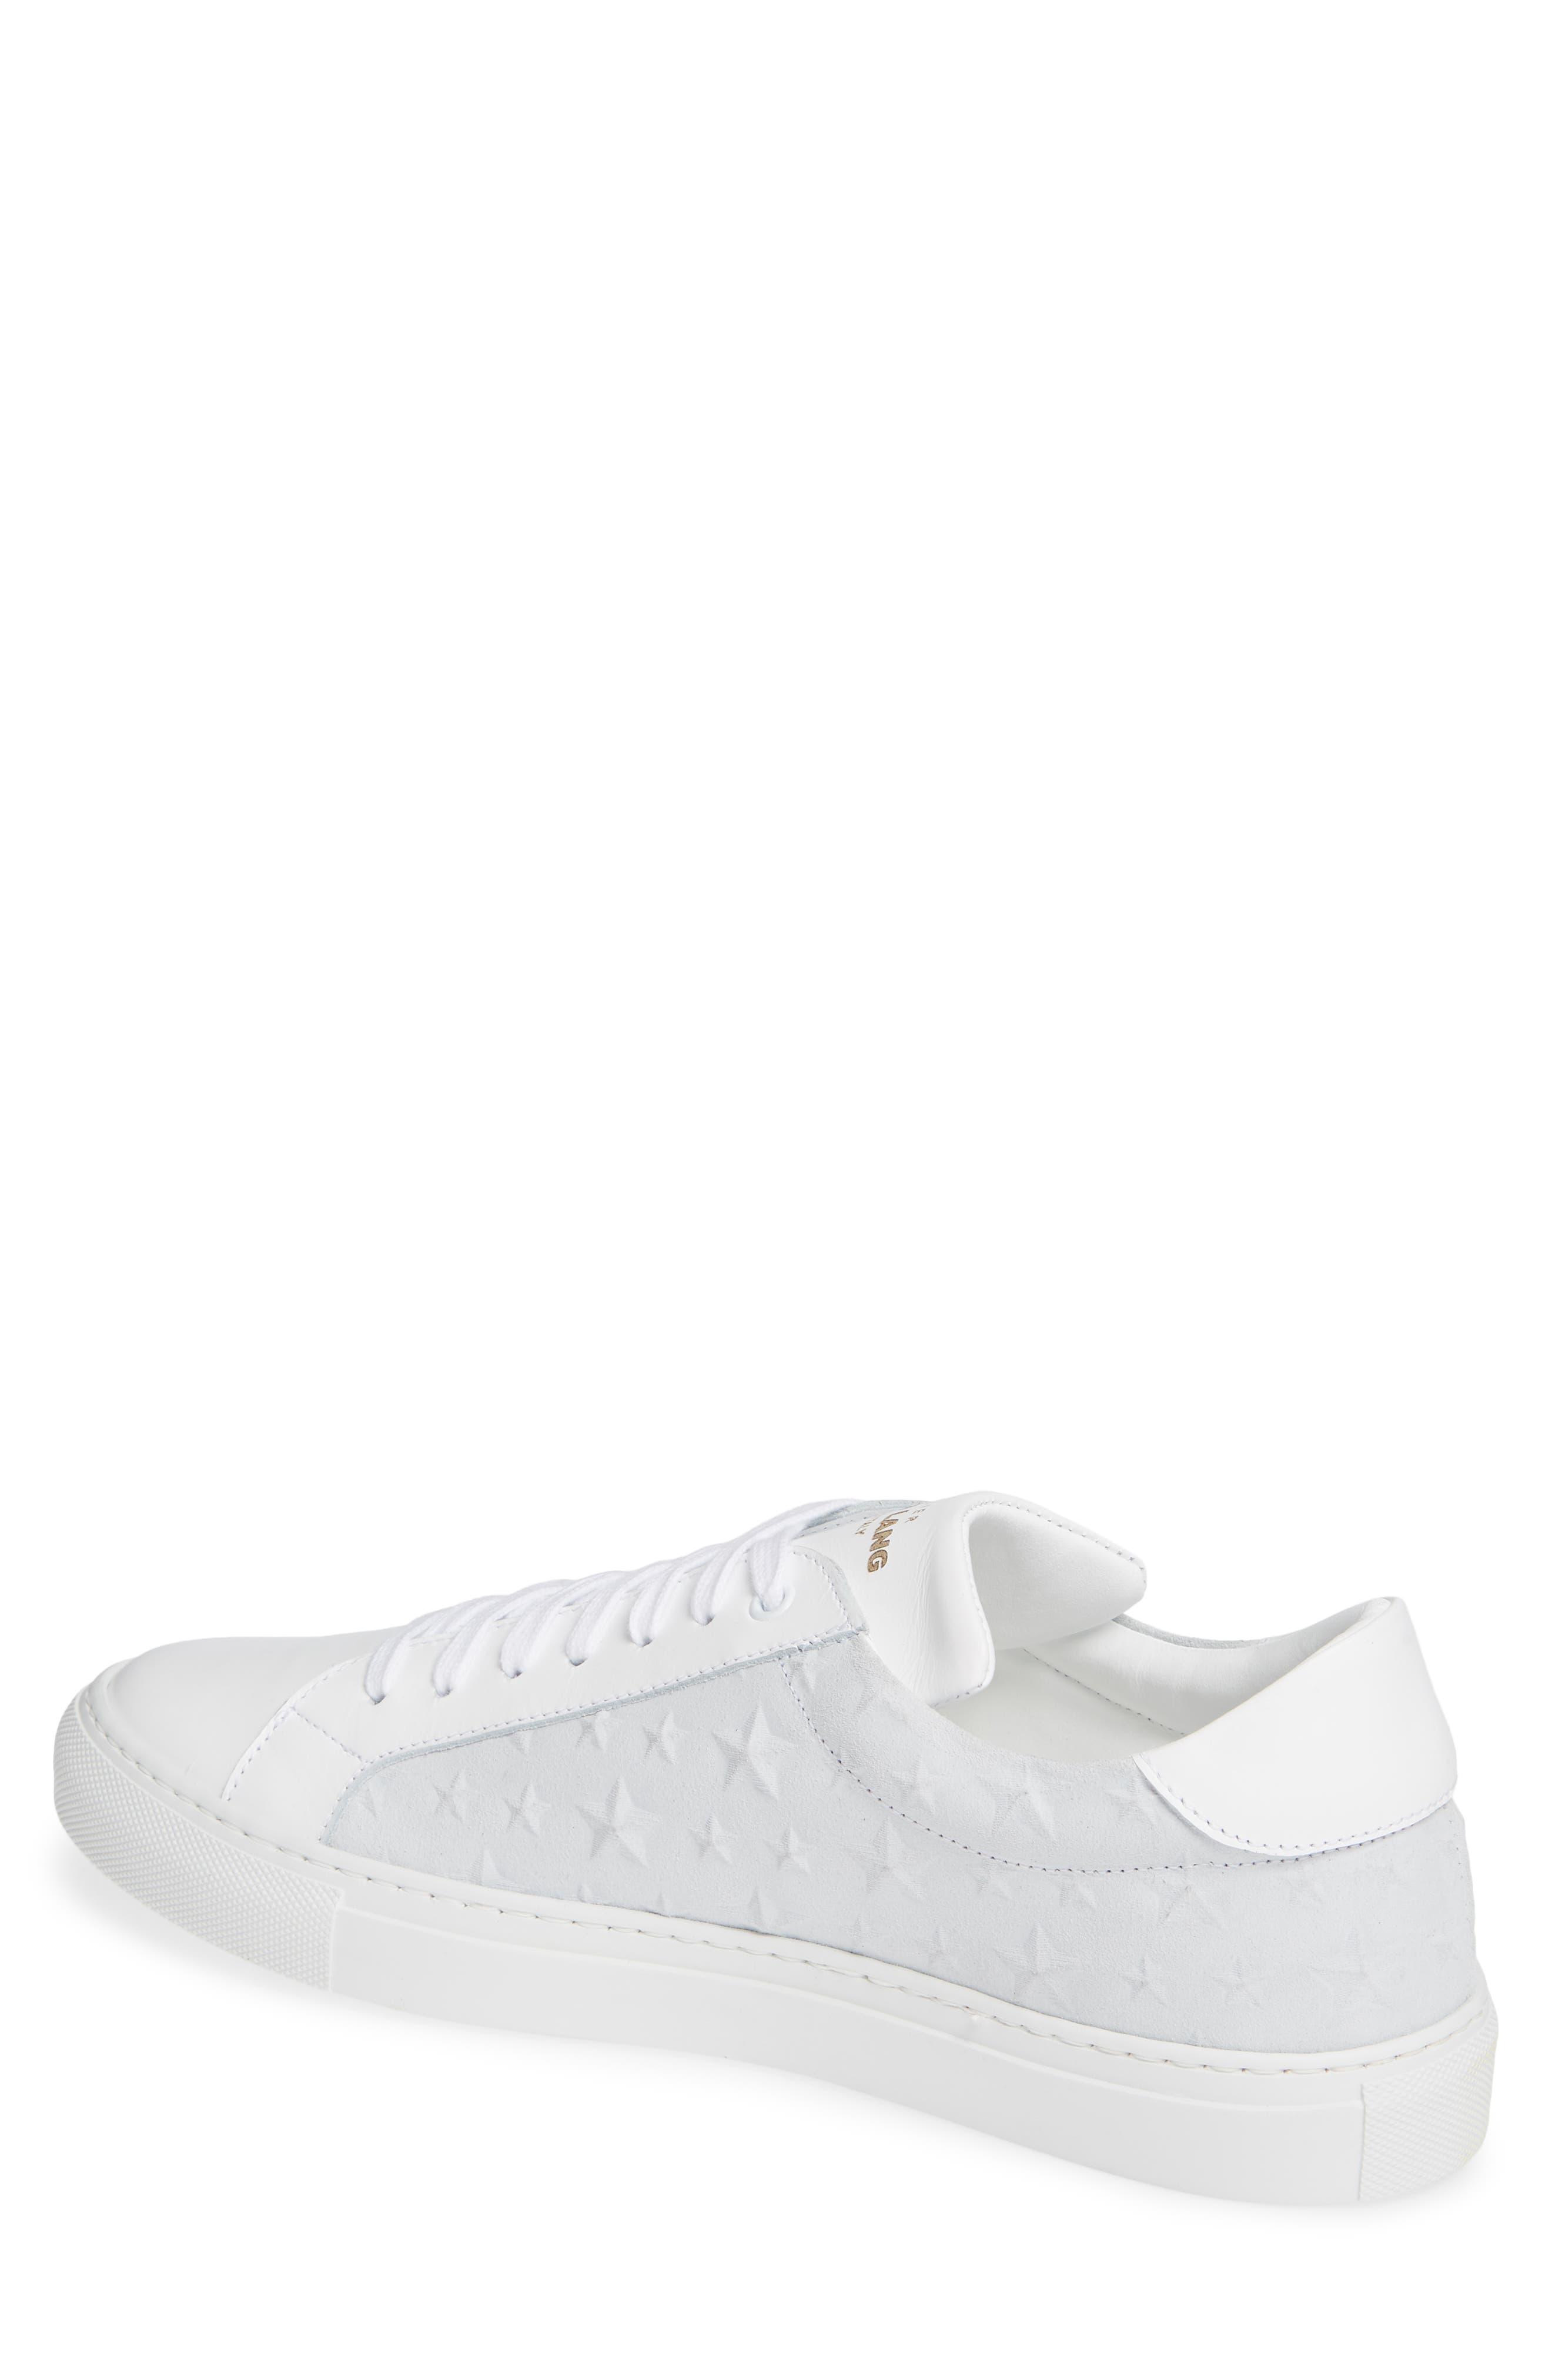 Rome Sneaker,                             Alternate thumbnail 2, color,                             WHITE